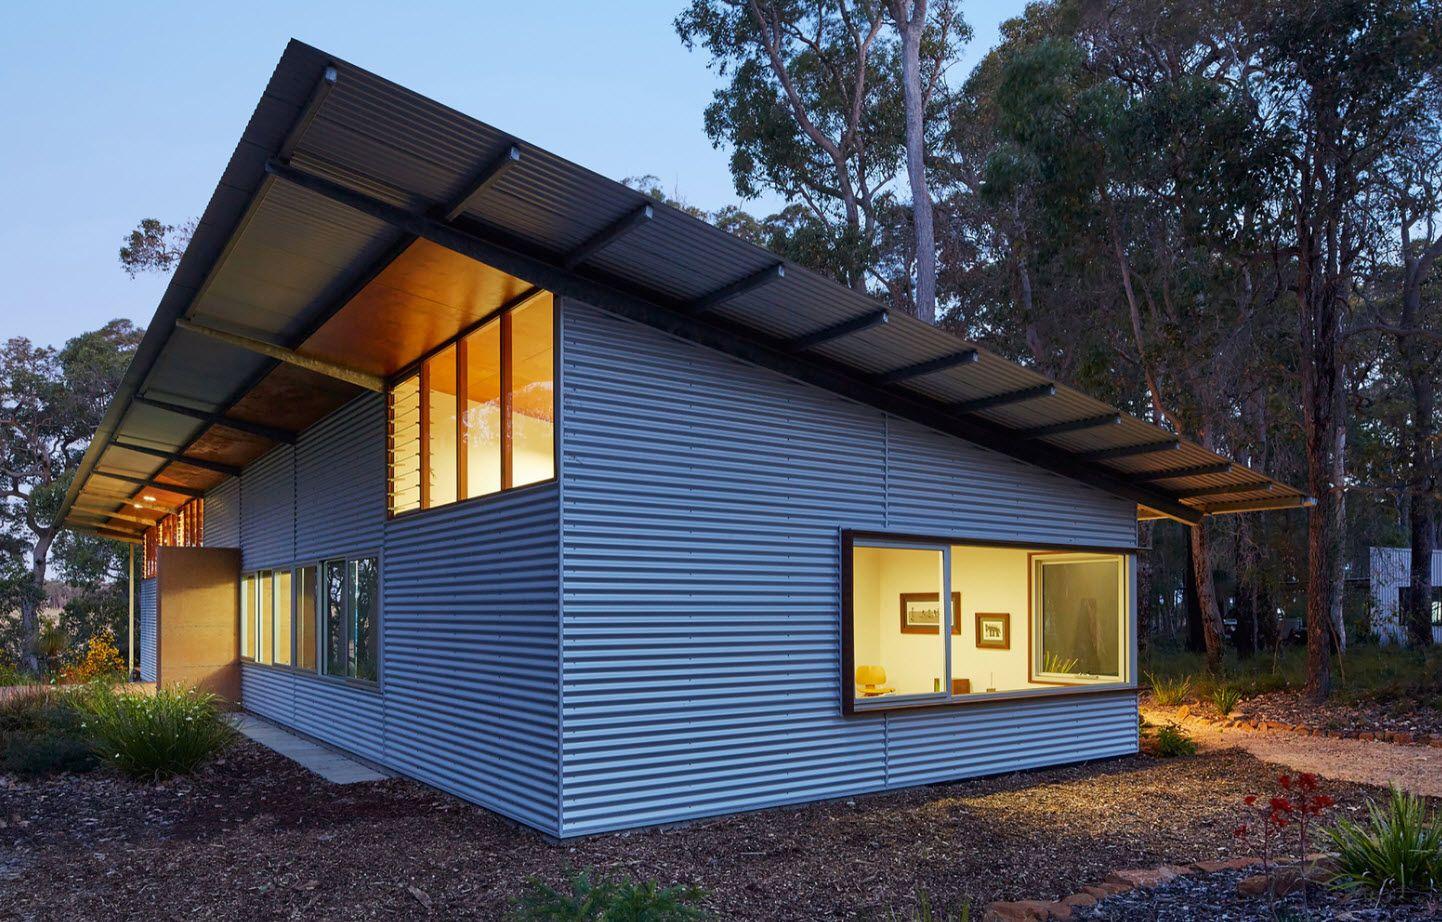 Diseño De Casa Rural Ecológica Preparada Para Abastecerse Con Los Elementos De La Naturaleza Construye Hogar Casas De Metal Diseños De Casas Casa De Lamina